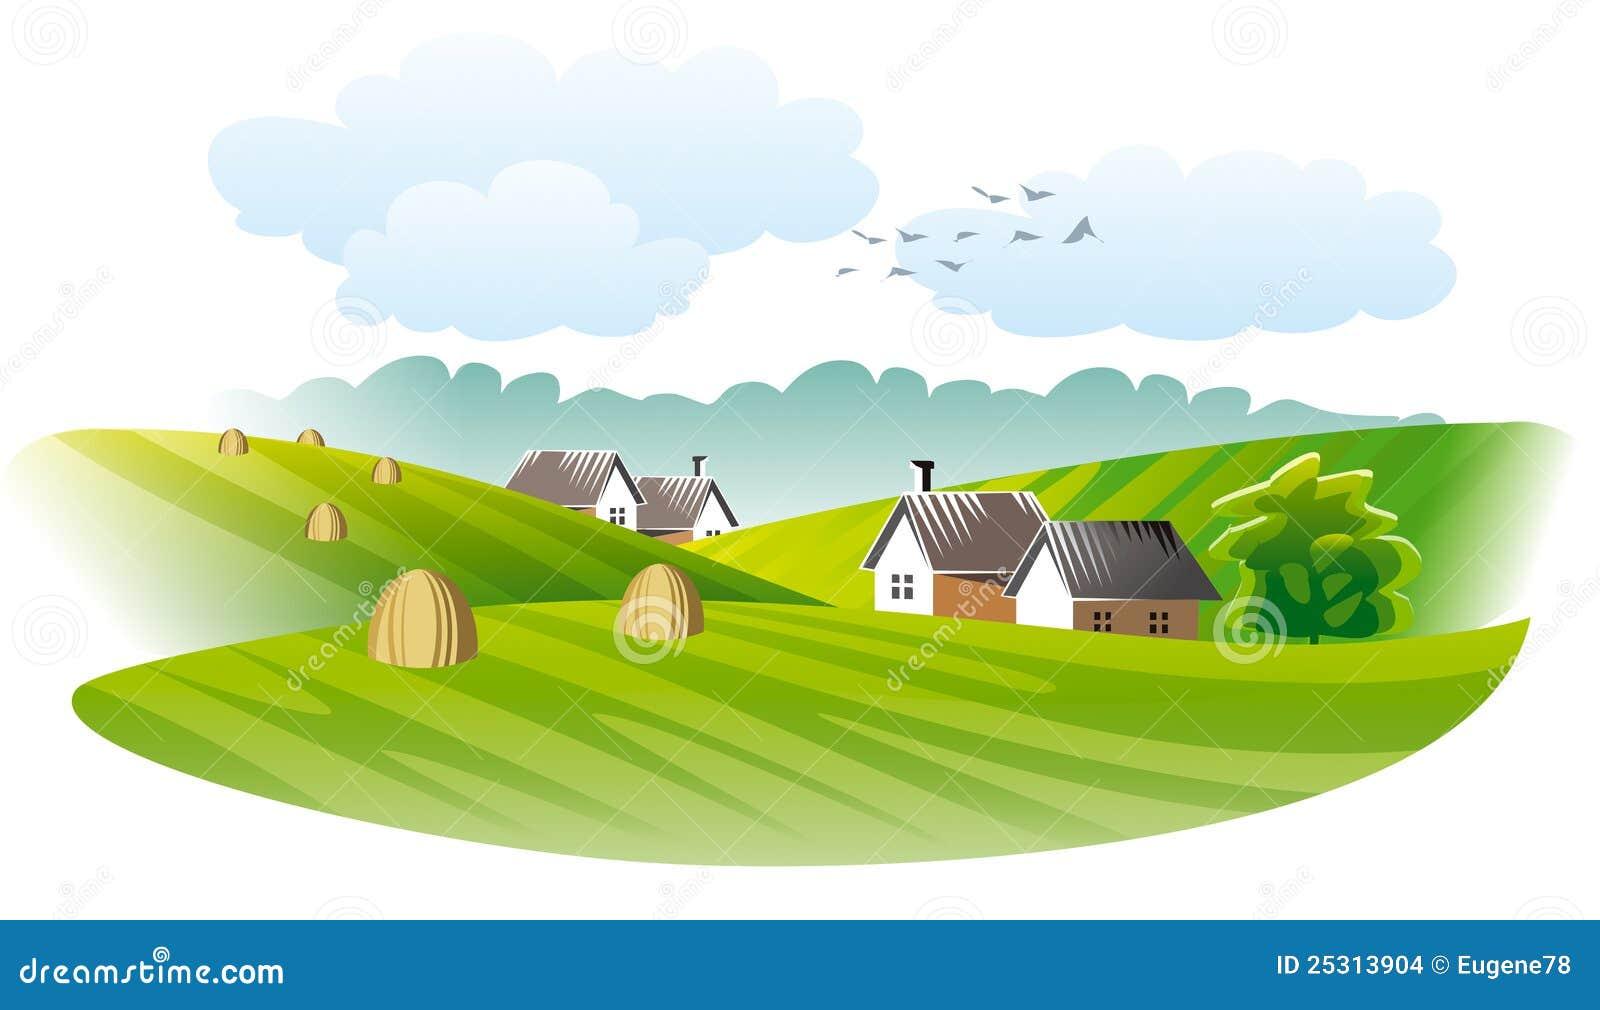 village culture images pdf download